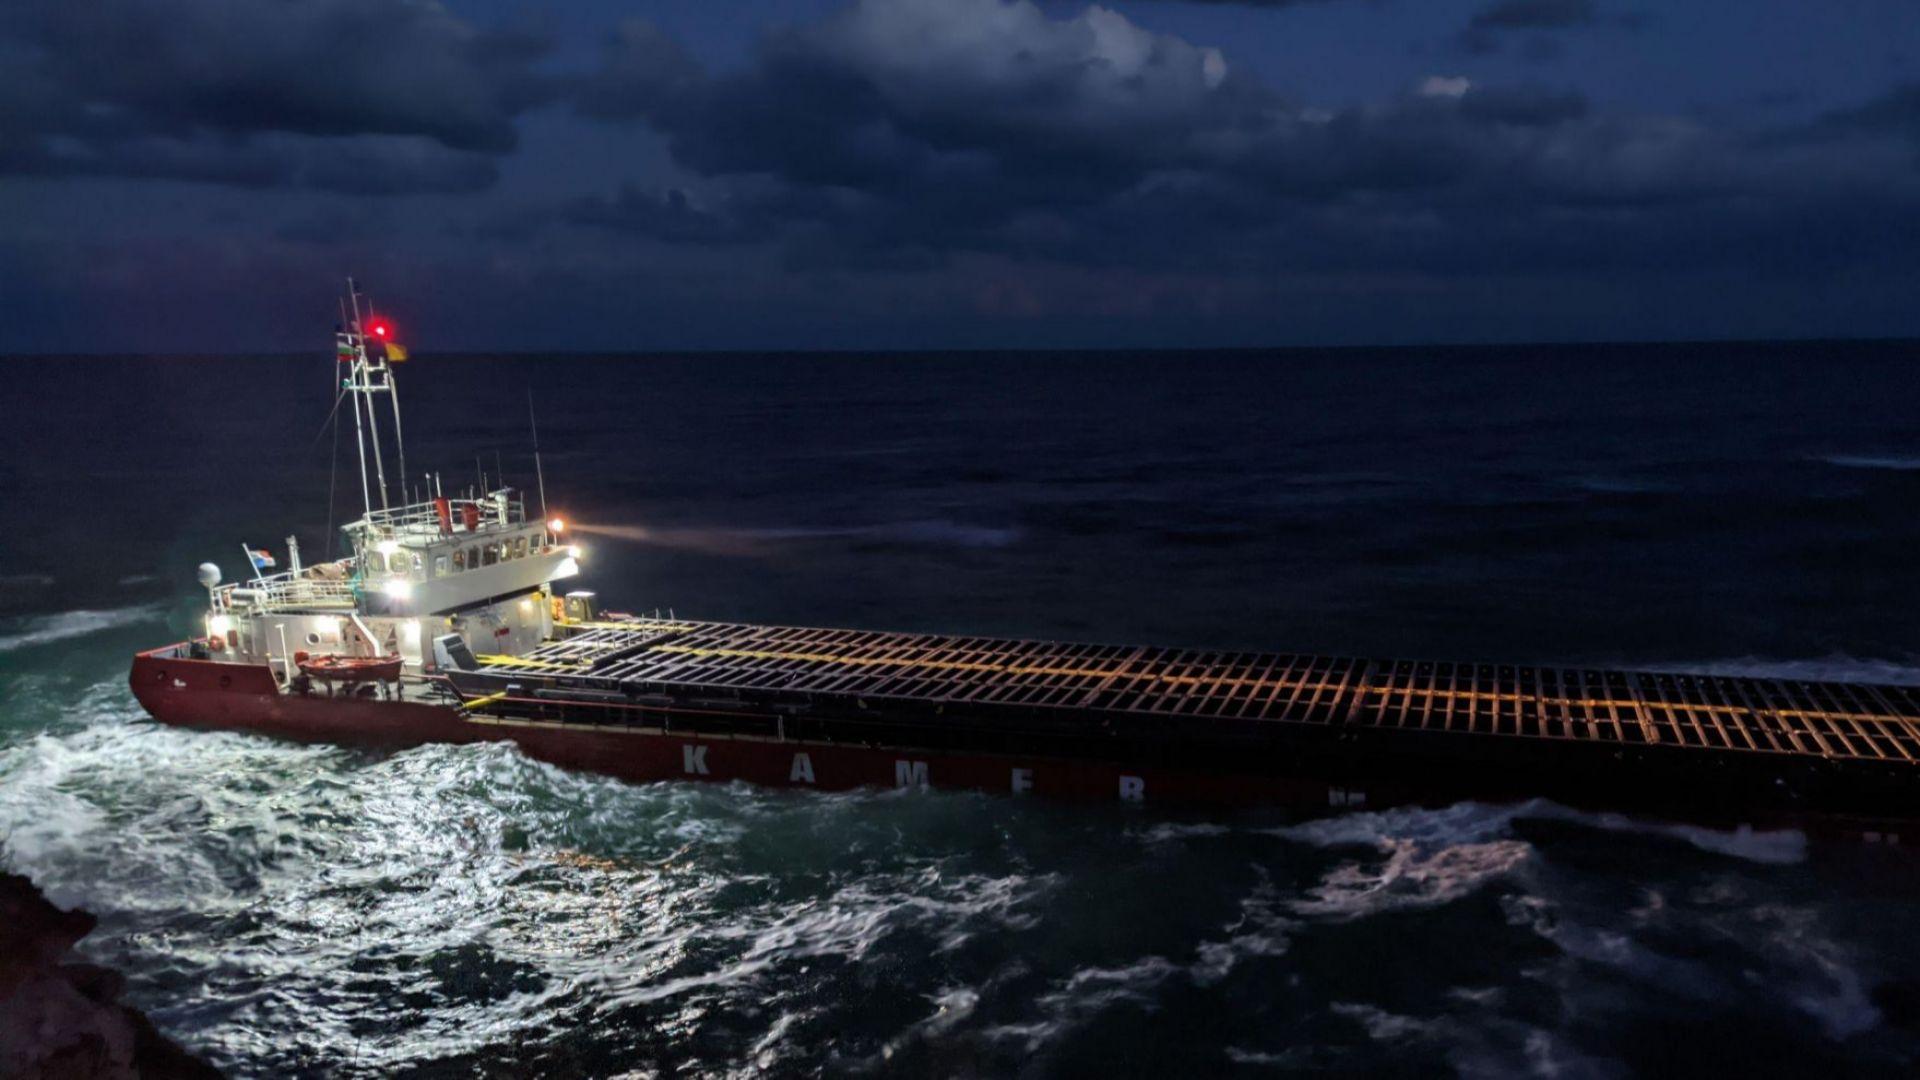 """Обсъждат се 4 варианта за товара от """"Вера Су"""", сред тях и изхвърляне в международни води"""